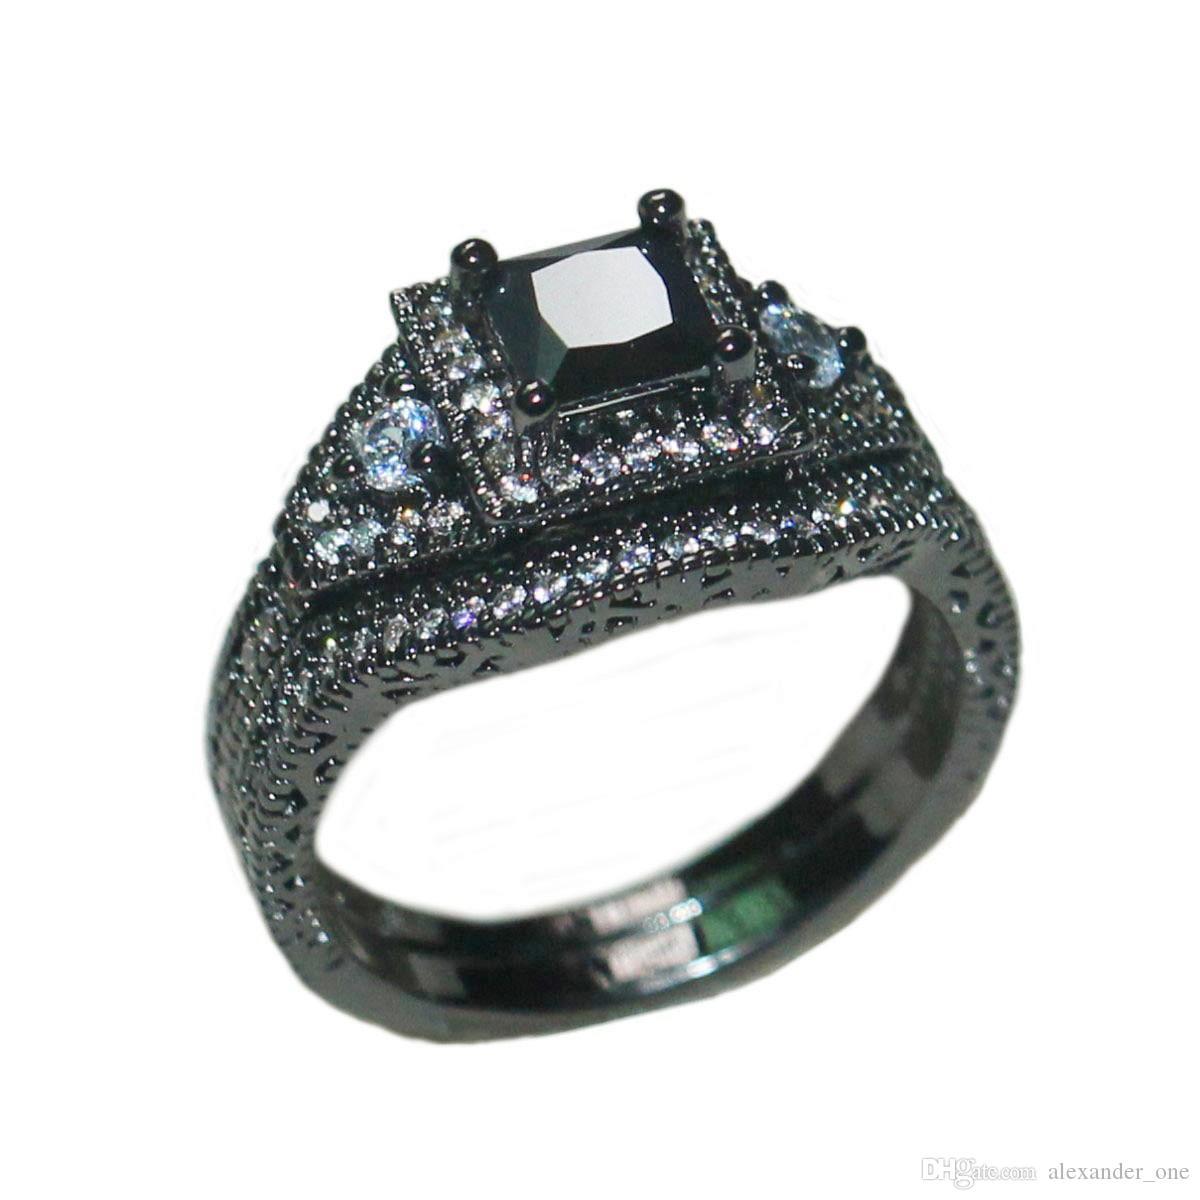 Moda 10KT Anelli con pietre preziose riempite in oro nero con nuovi gioielli di design per le donne Fidanzamento con fascia per matrimonio